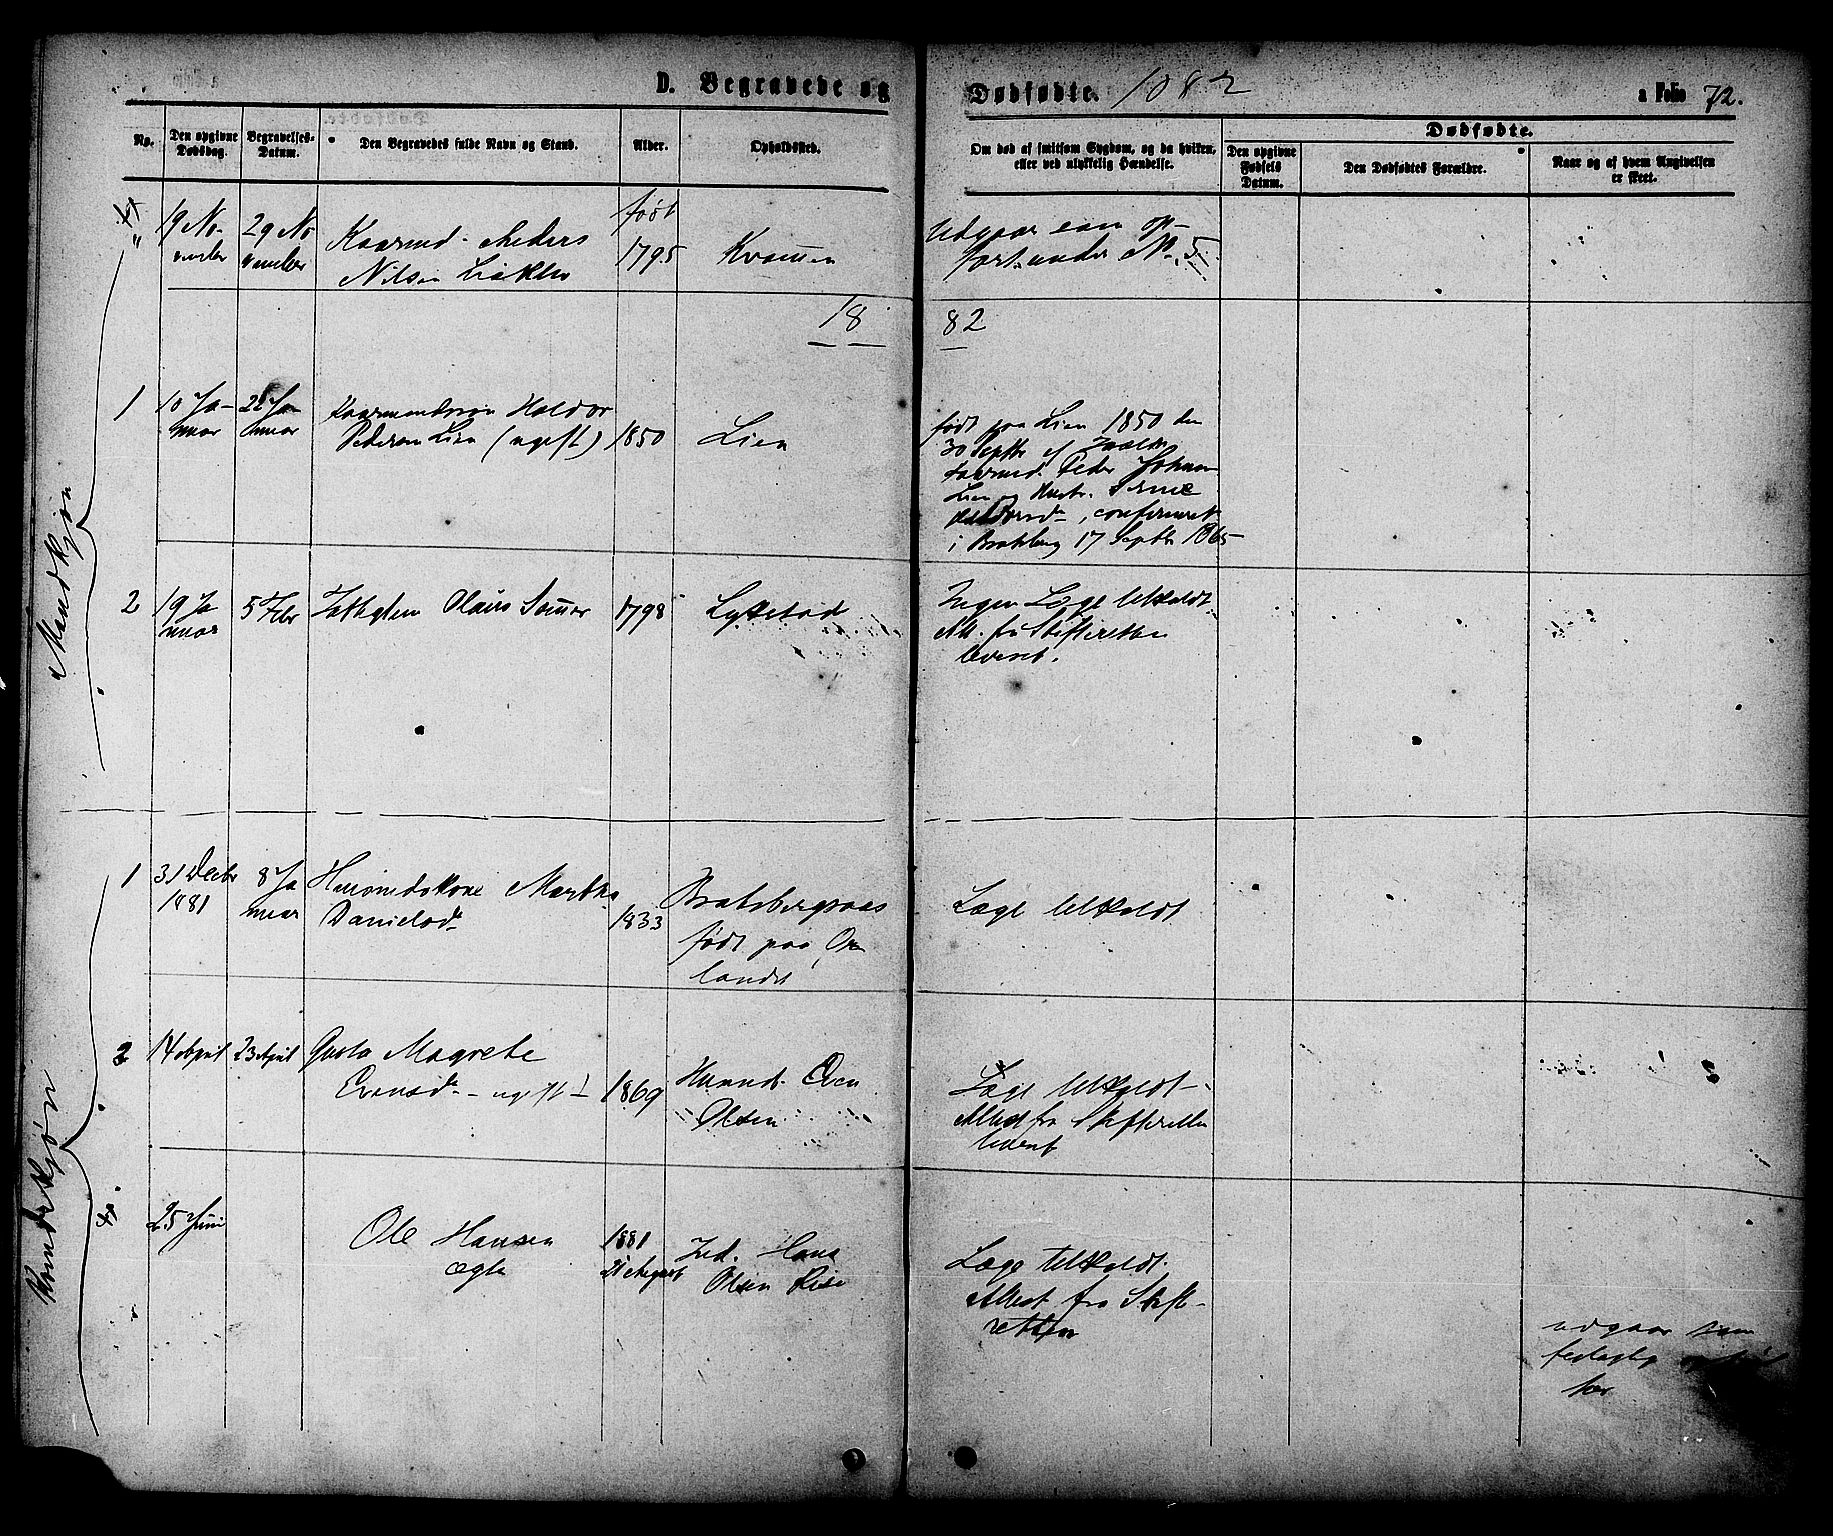 SAT, Ministerialprotokoller, klokkerbøker og fødselsregistre - Sør-Trøndelag, 608/L0334: Ministerialbok nr. 608A03, 1877-1886, s. 72